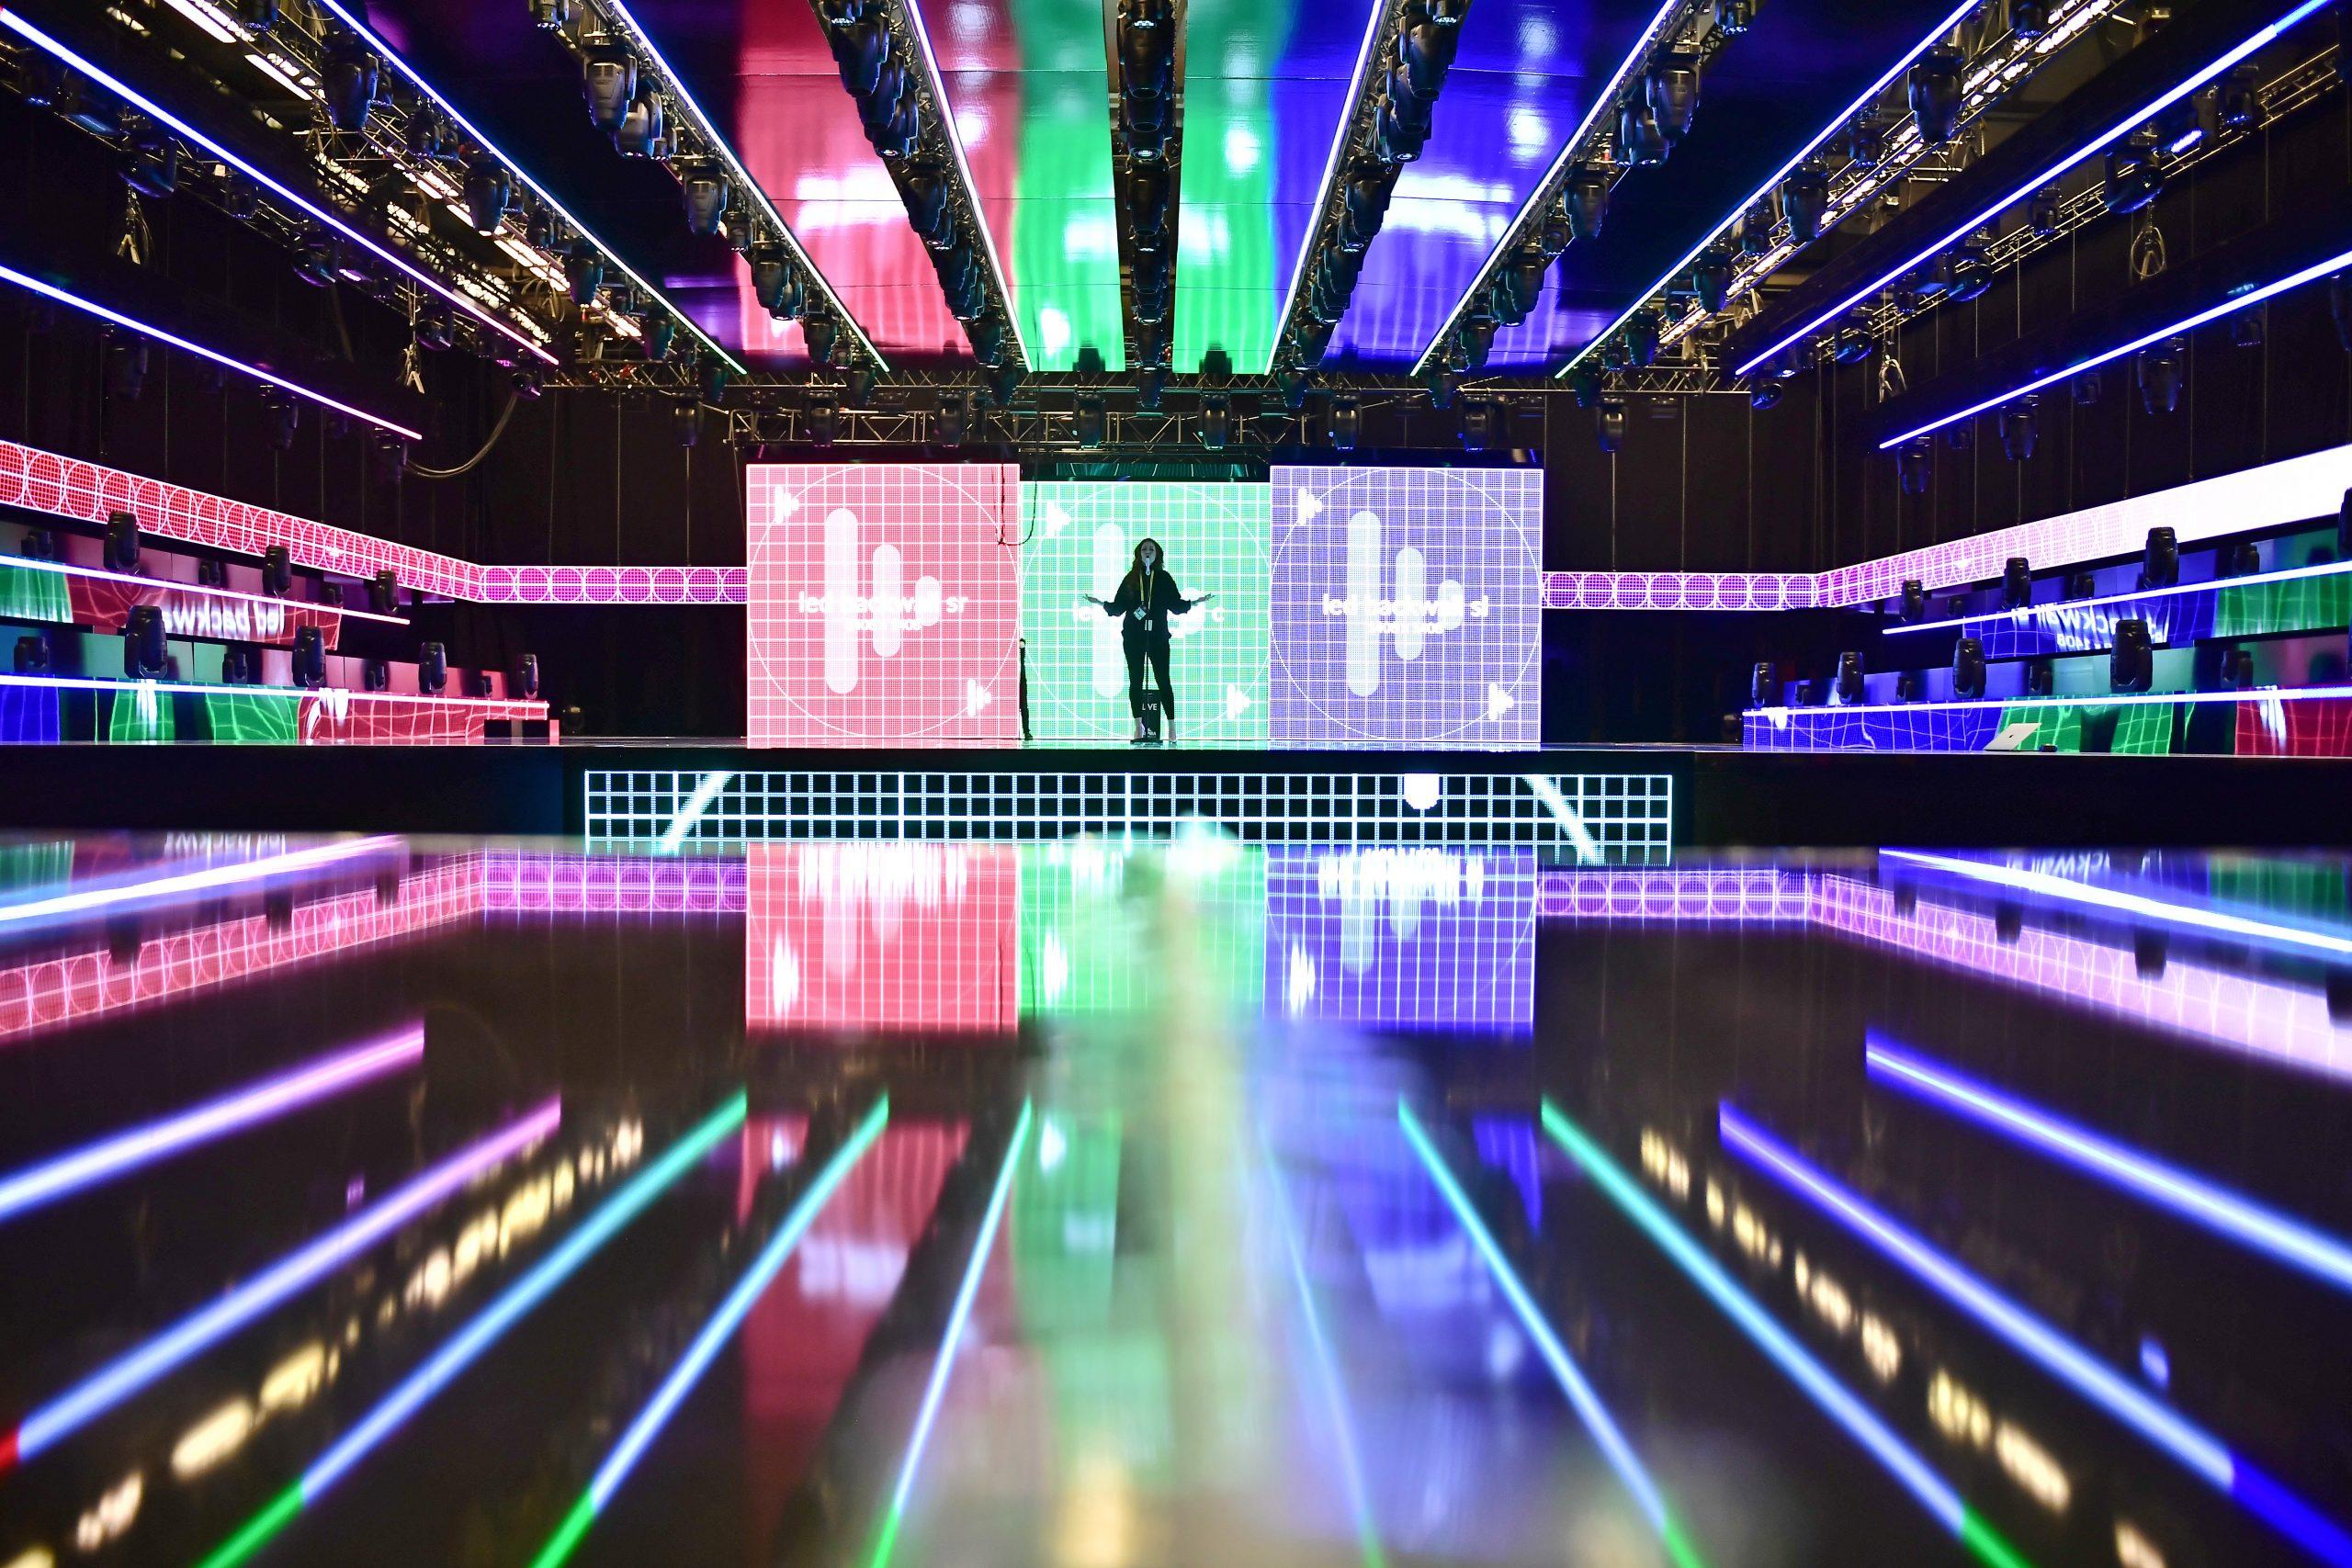 Melodifestivalen 2021, Nathalie Brydolf   Photo: Sveriges Television AB (SVT), Stina Stjernkvist